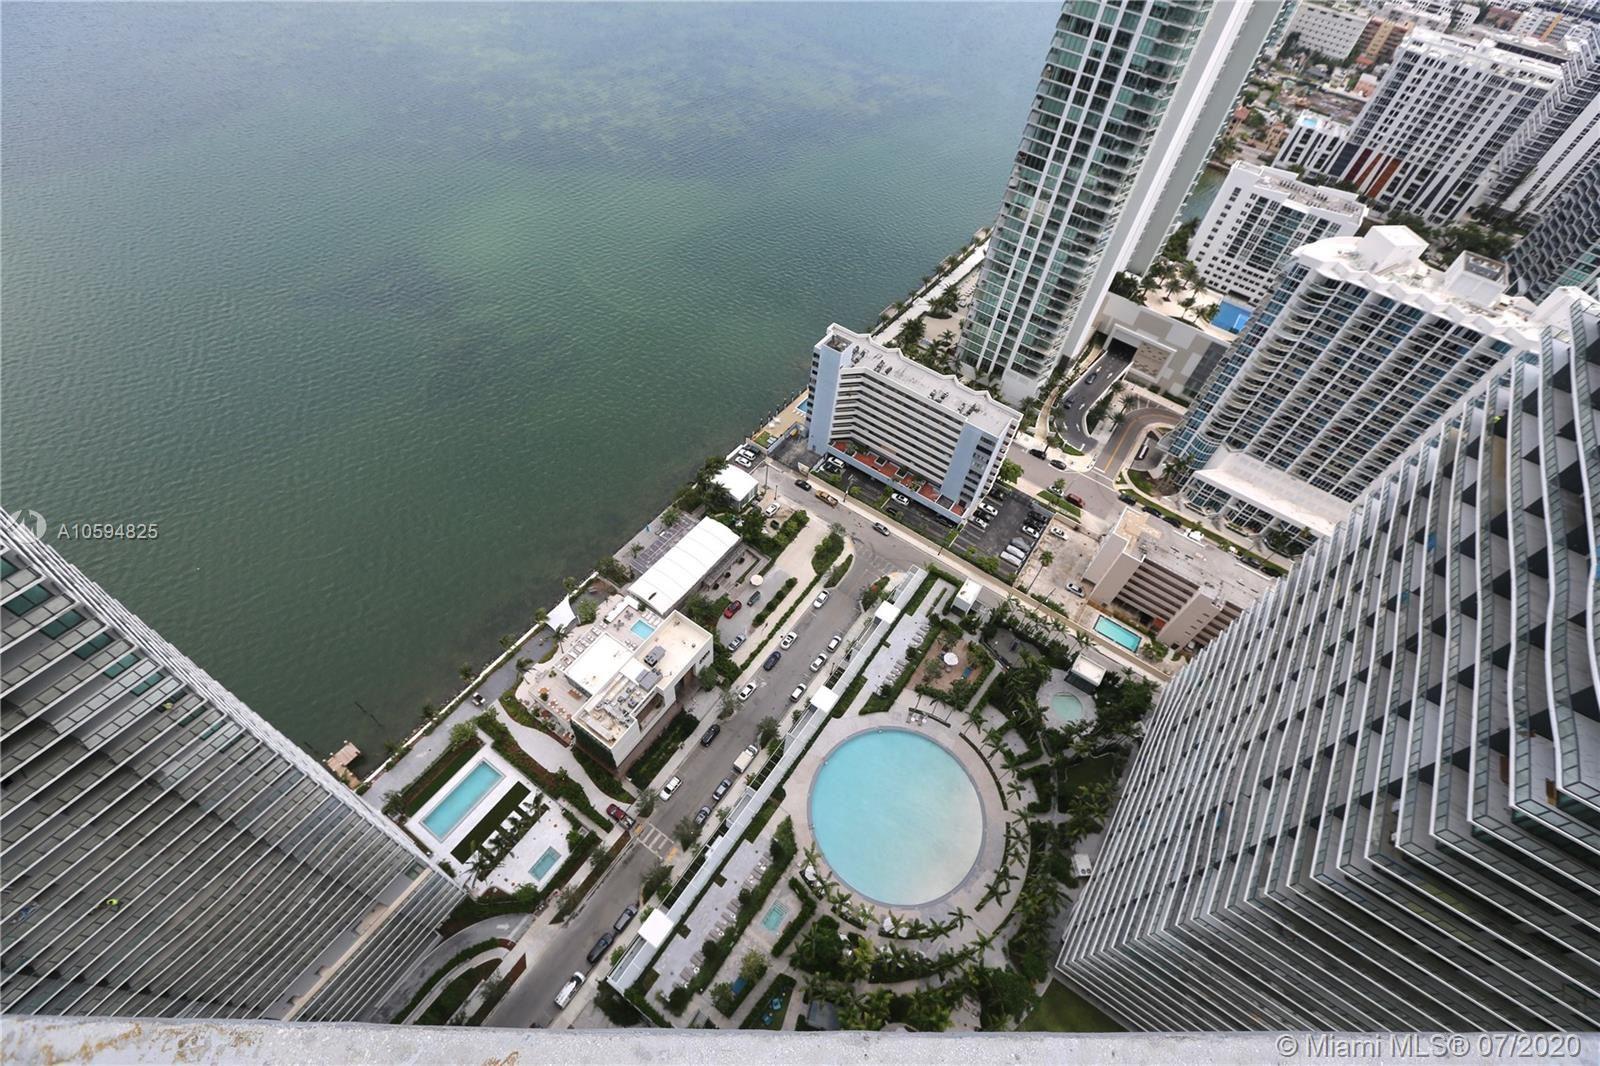 650 NE 32 ST #4706, Miami, FL 33137 - #: A10594825